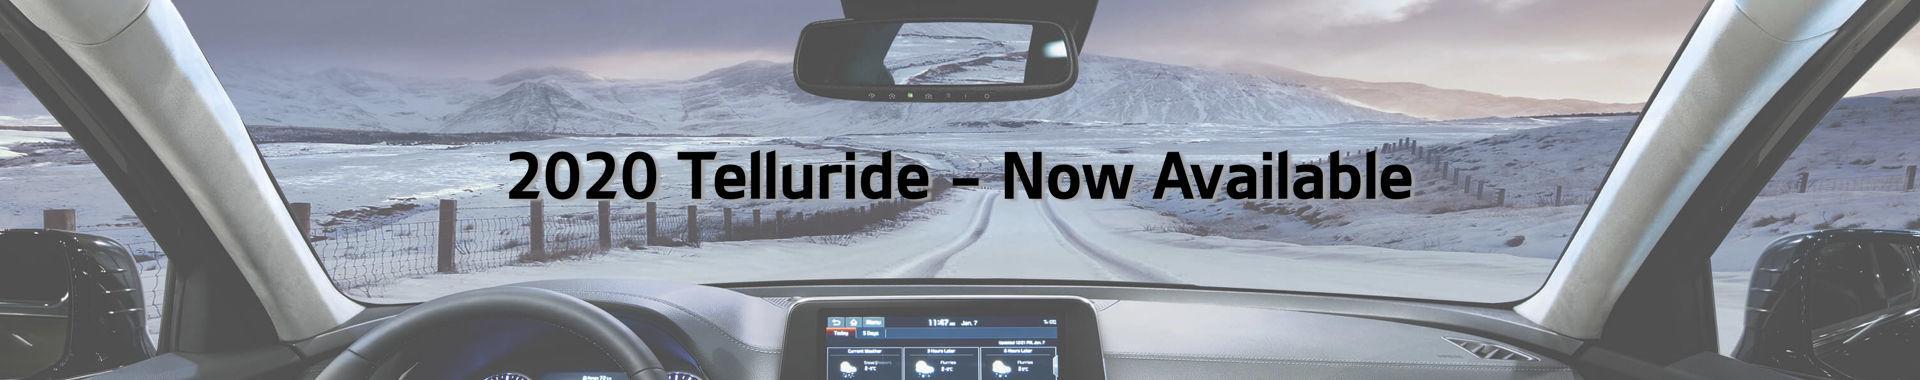 The 2020 Telluride